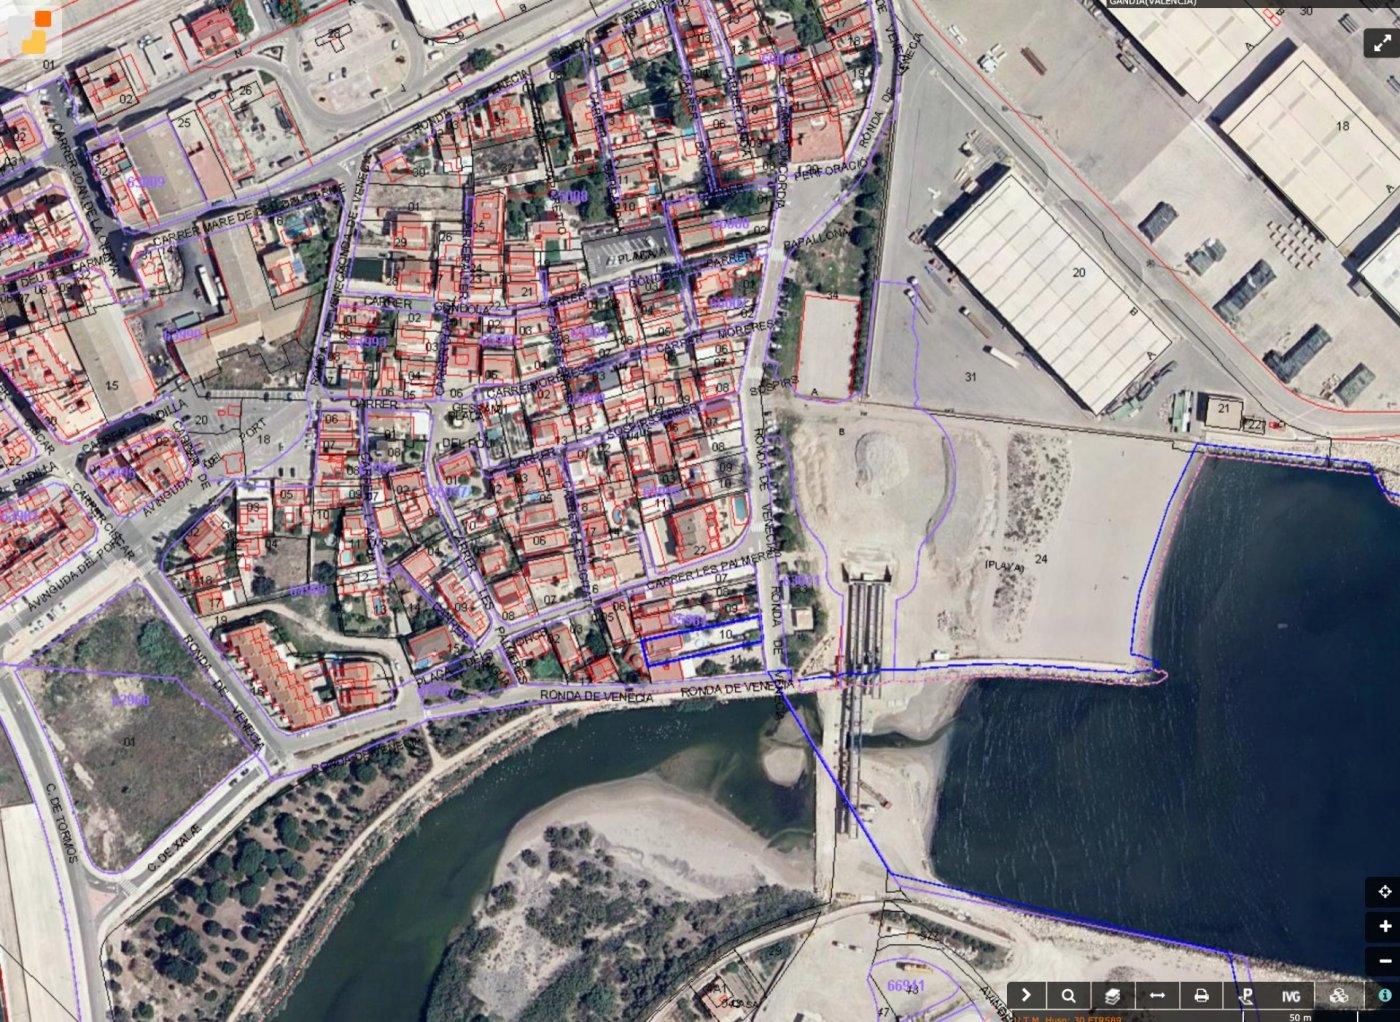 Casa, chalet con parcela, jardín en playa de venecia en playa de gandia. - imagenInmueble10